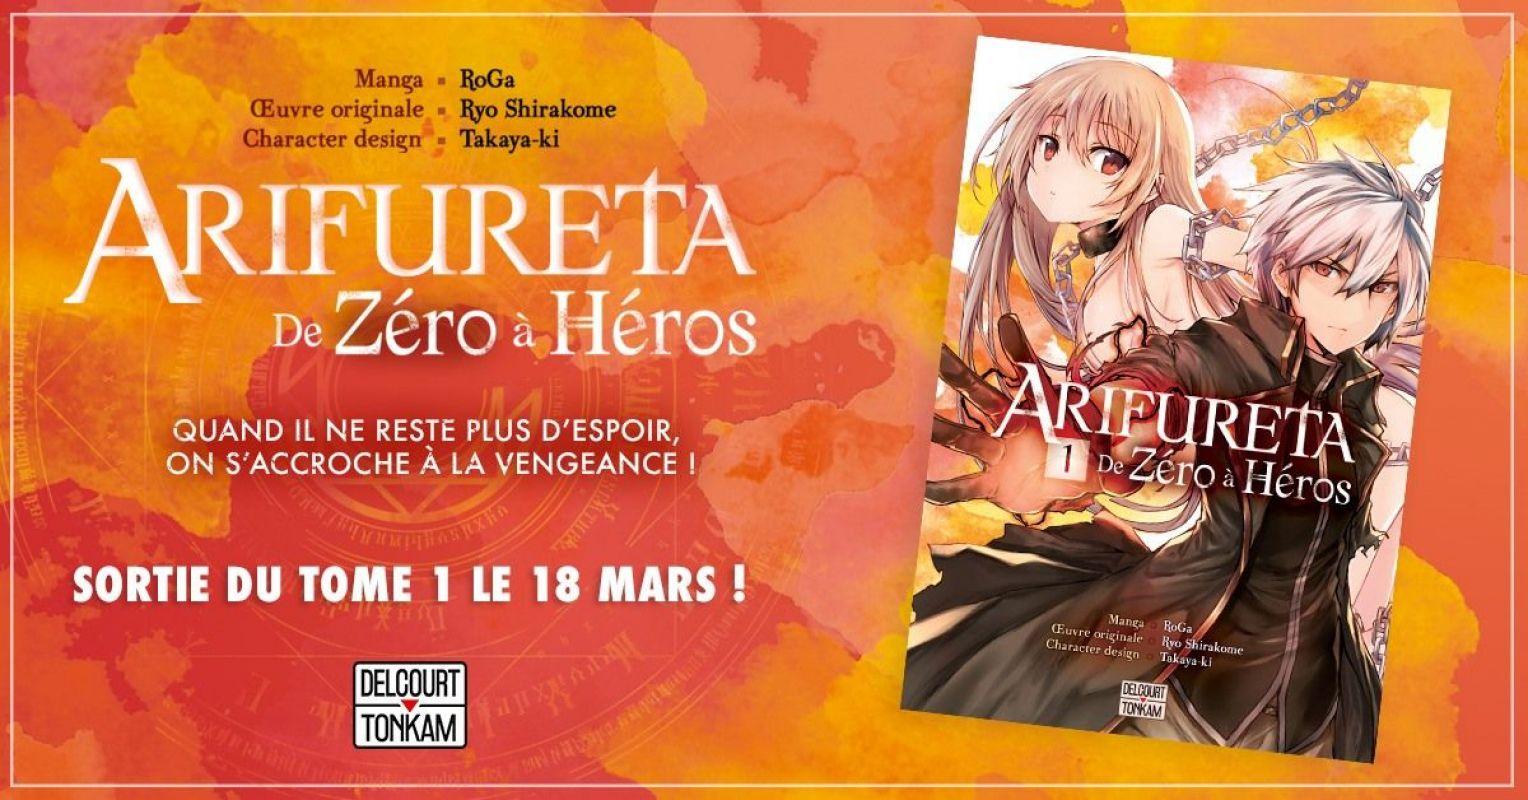 Arifureta - De Zéro a Héros chez Delcourt/Tonkam